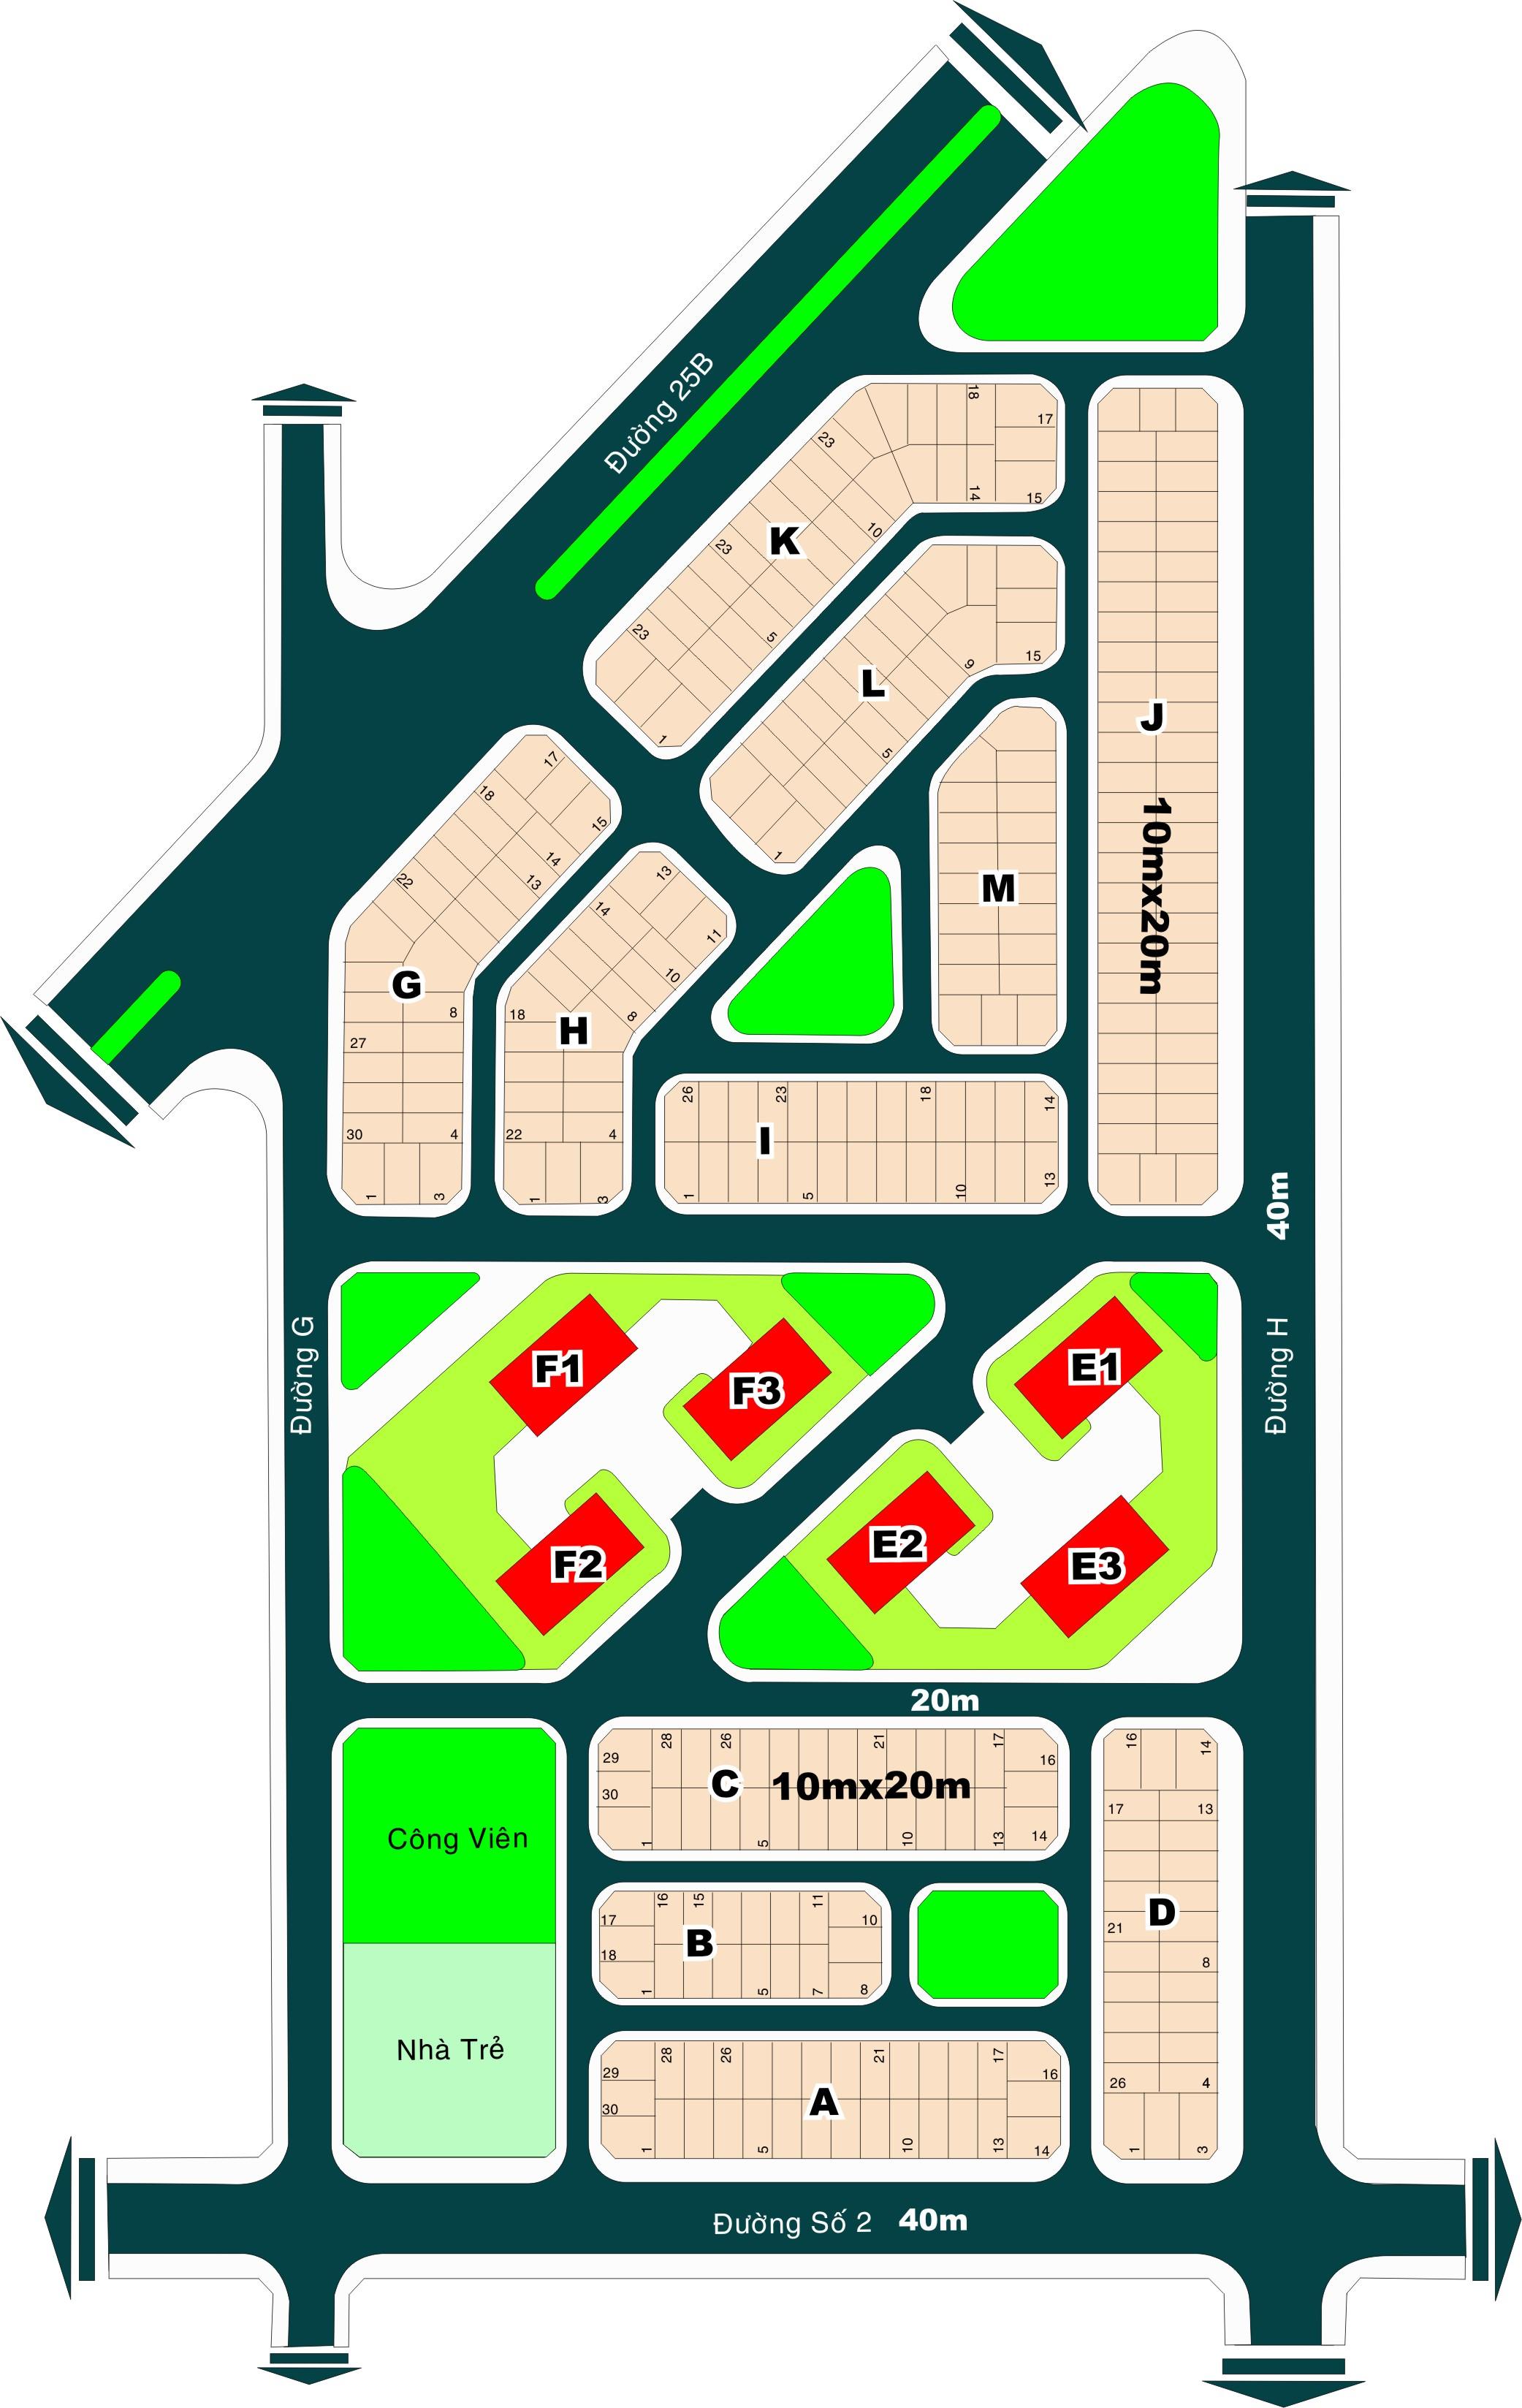 Bán đất Thạnh Mỹ Lợi, Q2 dự án Đá Bình Dương, DT: 10x20m hướng Tây Bắc, giá 33tr/m2